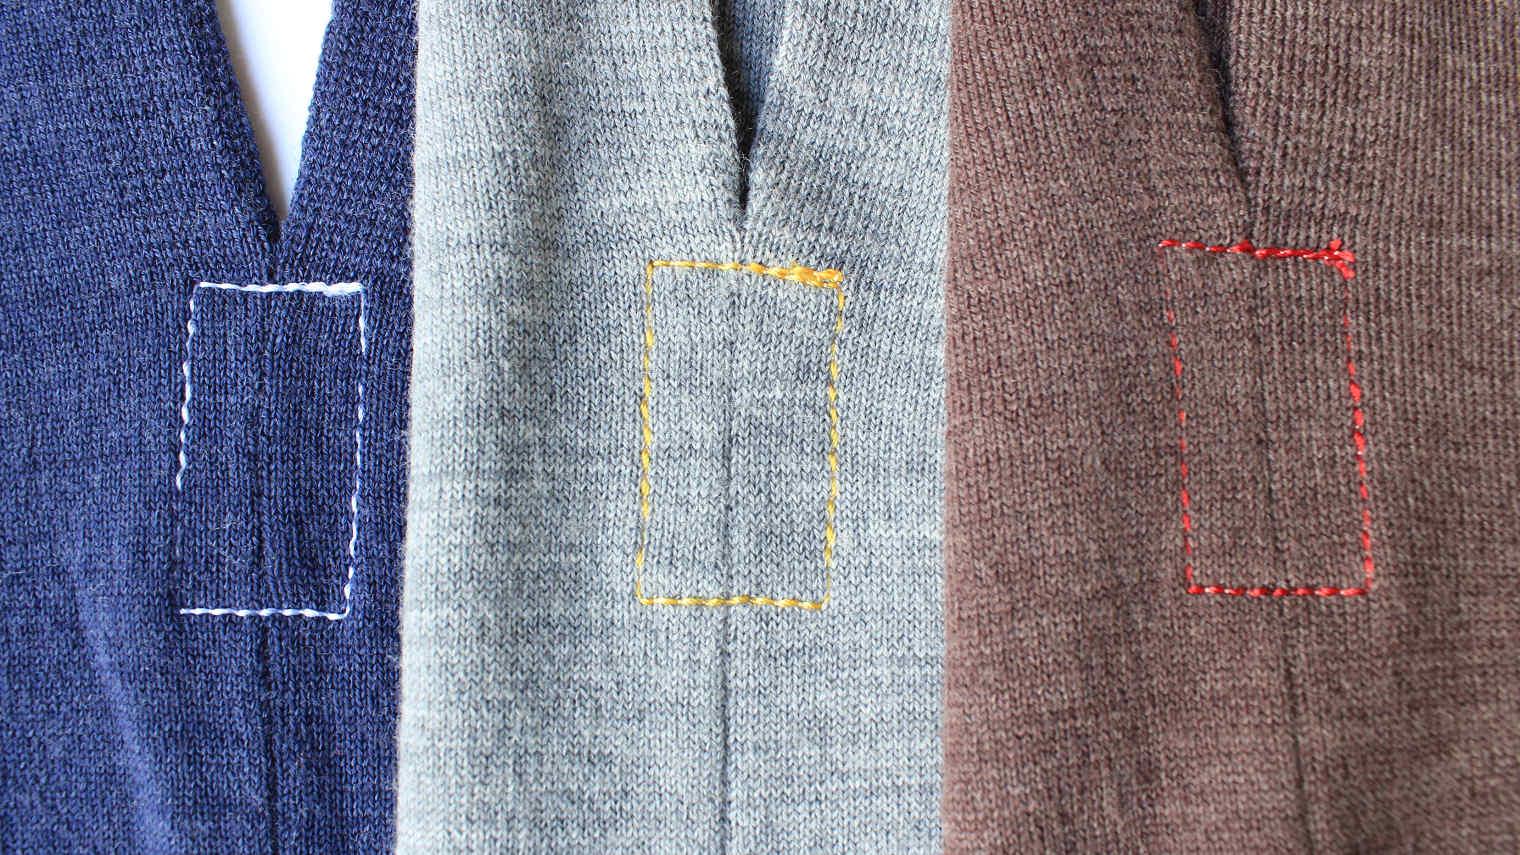 からだをつつむ ゆったりプルオーバー 洗濯機で洗えるウール 深いポケット付き